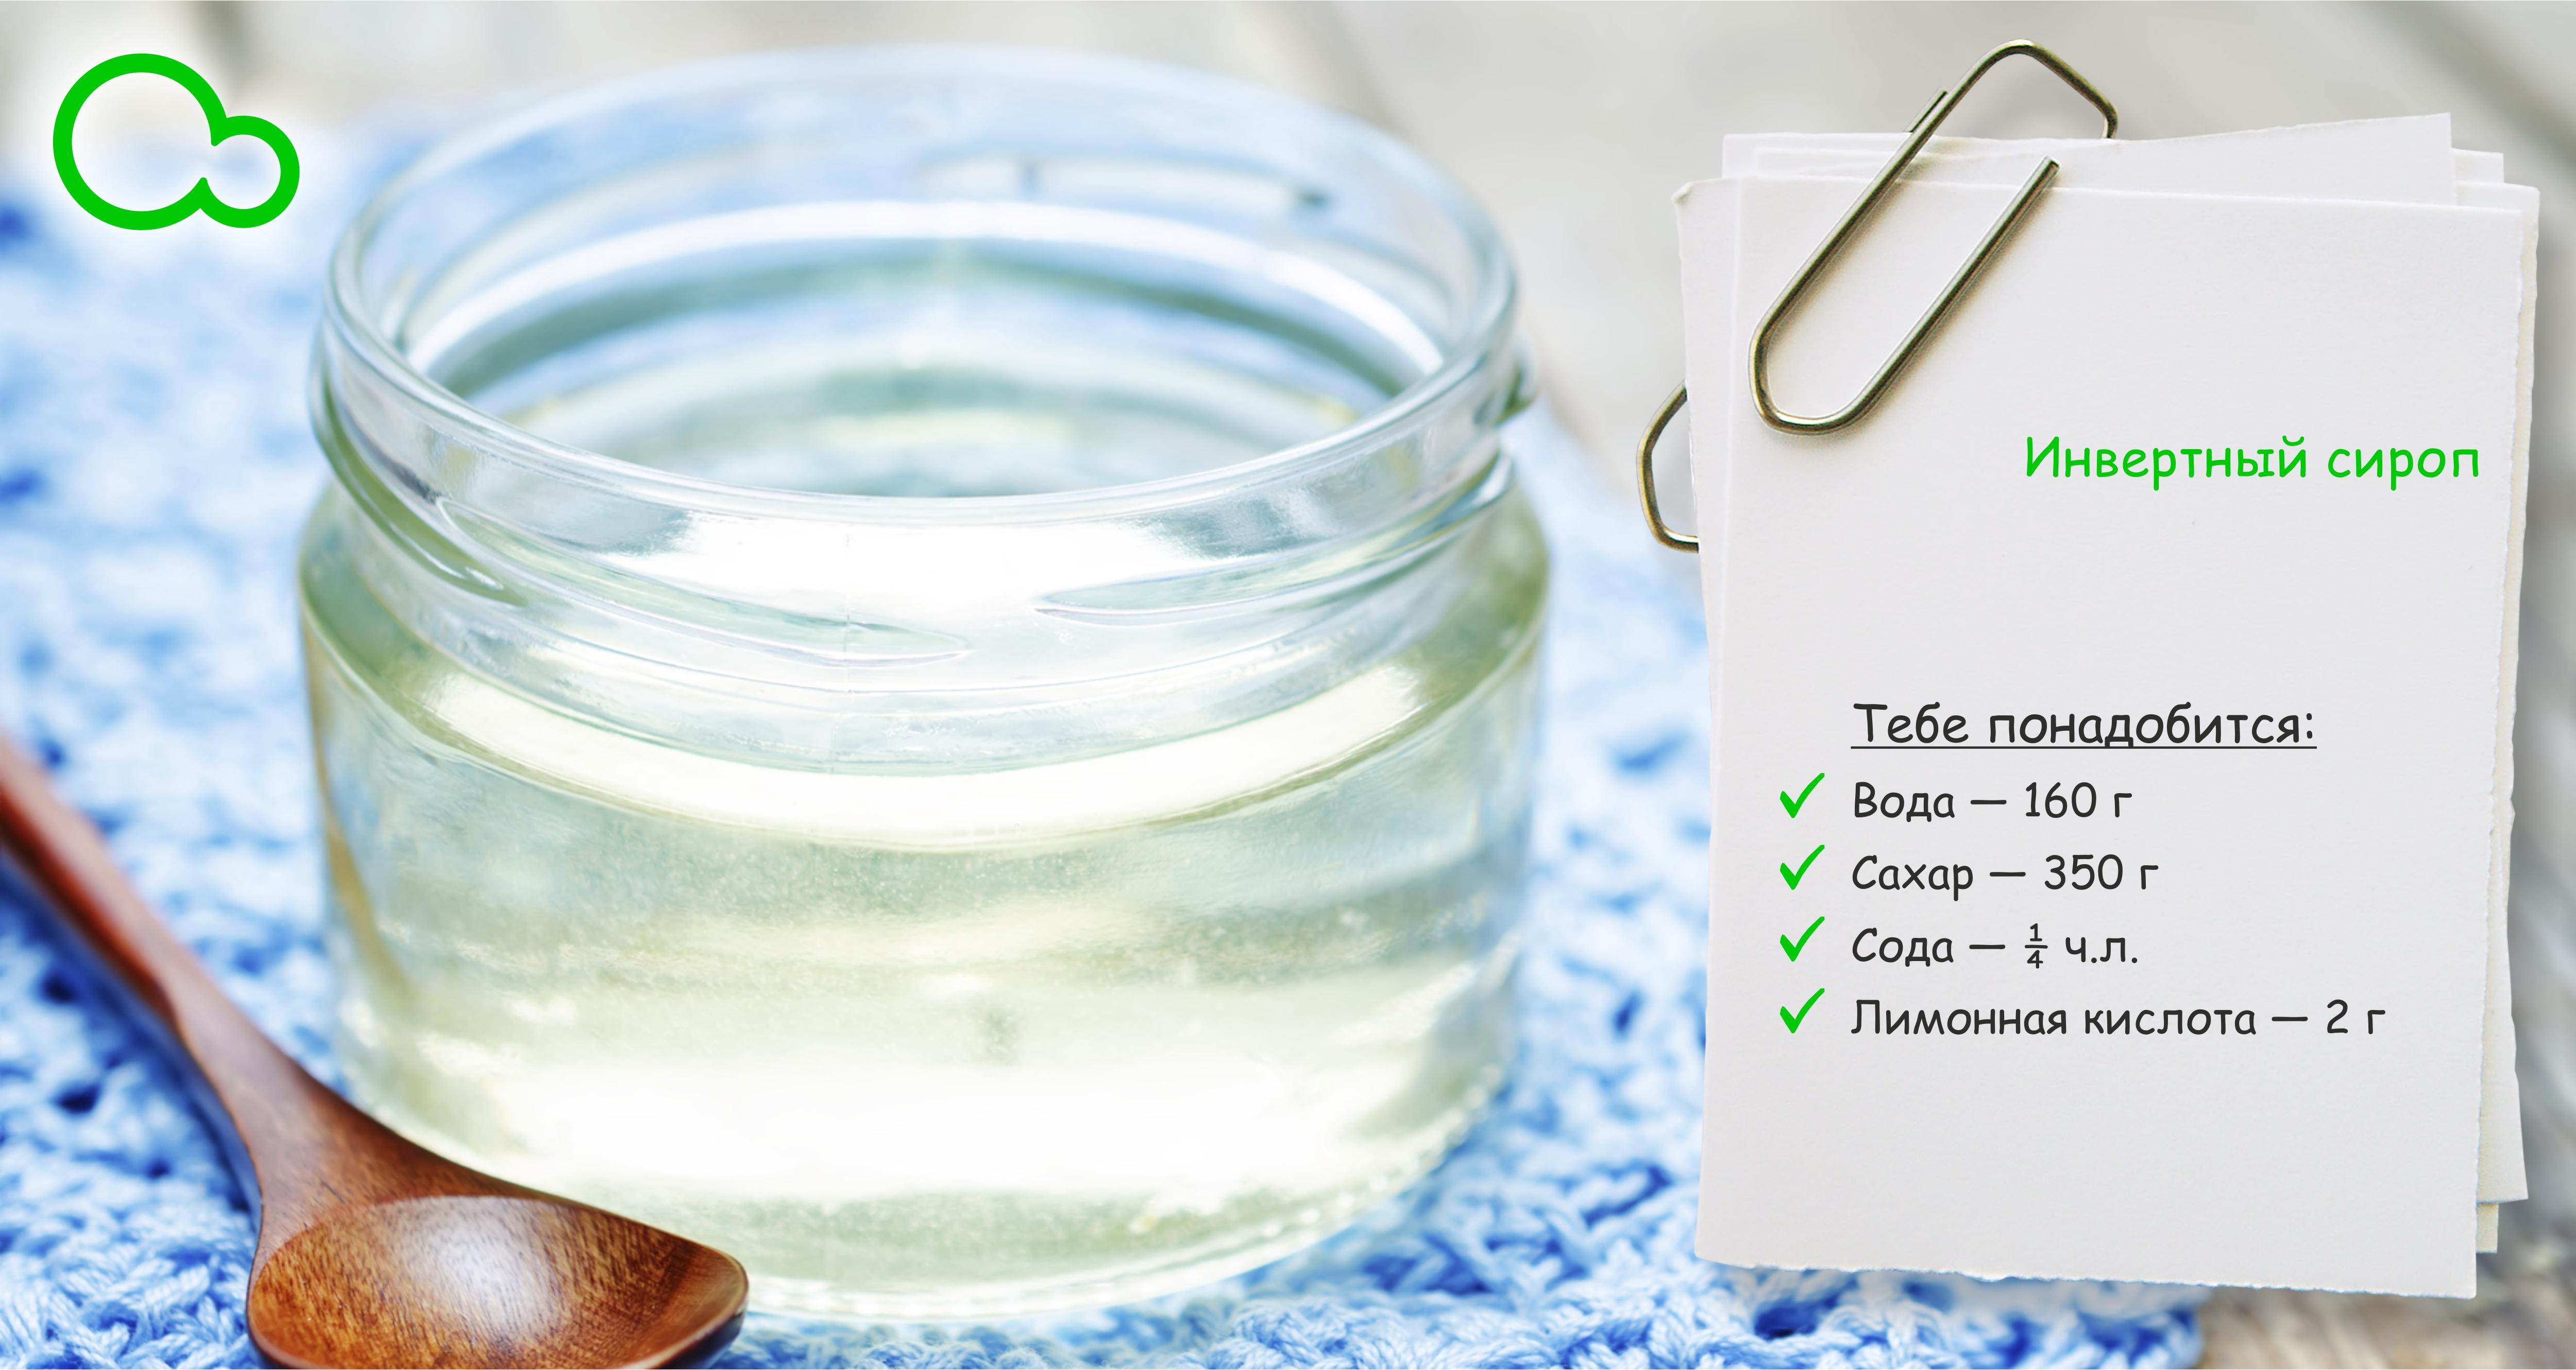 Инвертный сахар: что это, кулинарные свойства и применения